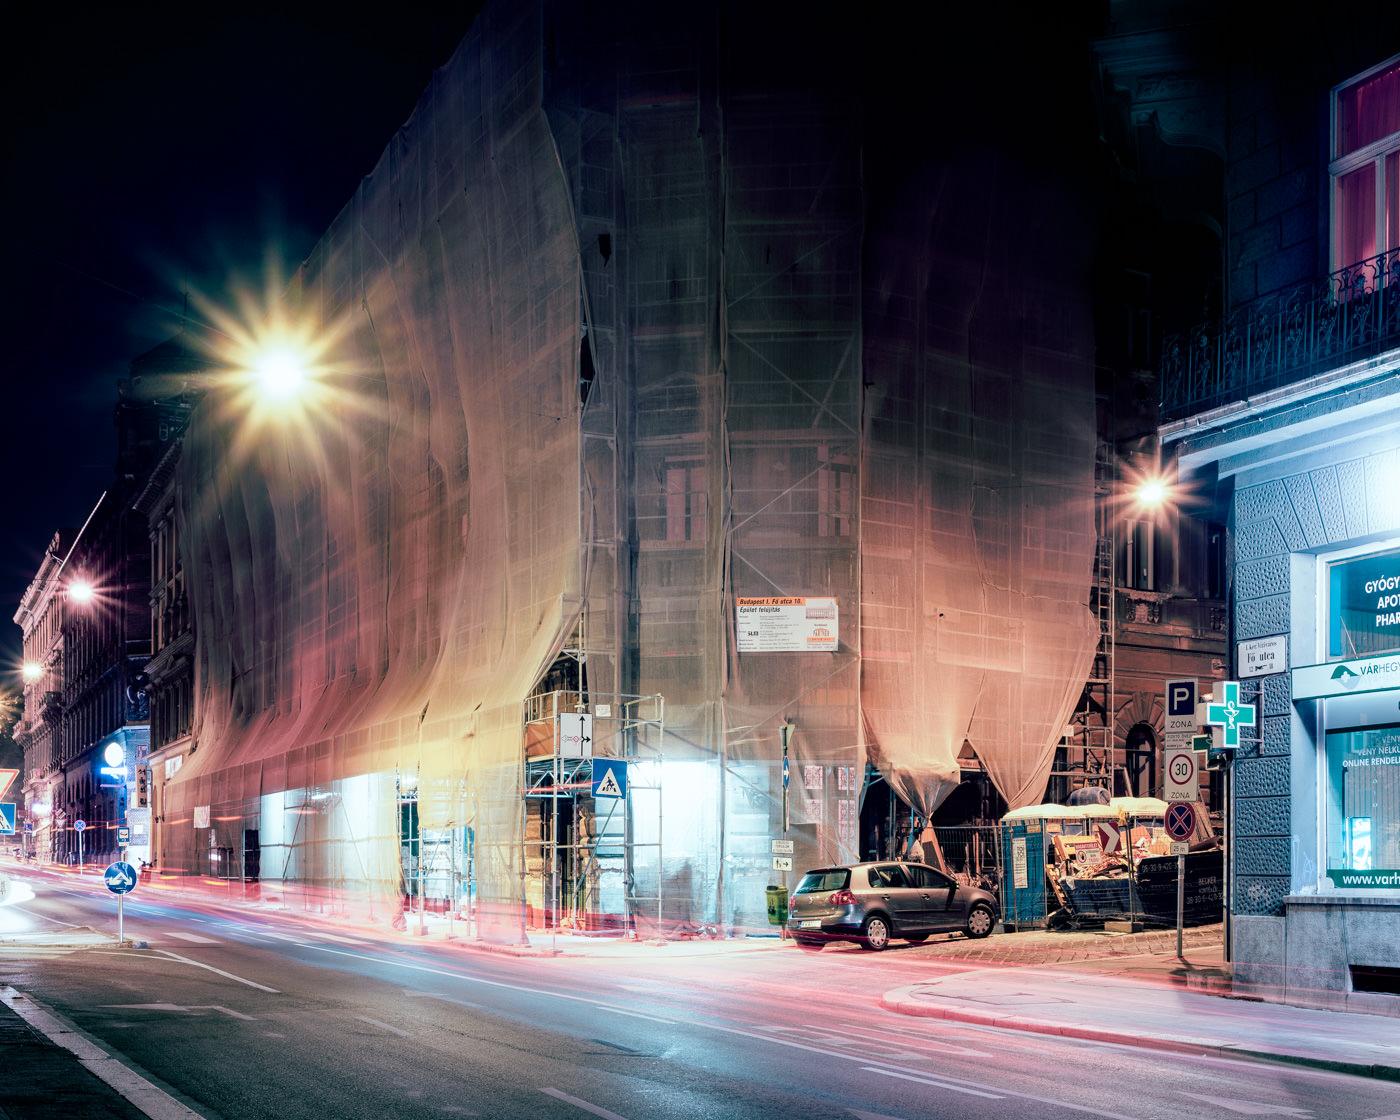 """""""Fö utca & Jégverem utca, Budapest"""" from the series Nylon Chrysalis, by William Mokrynski"""